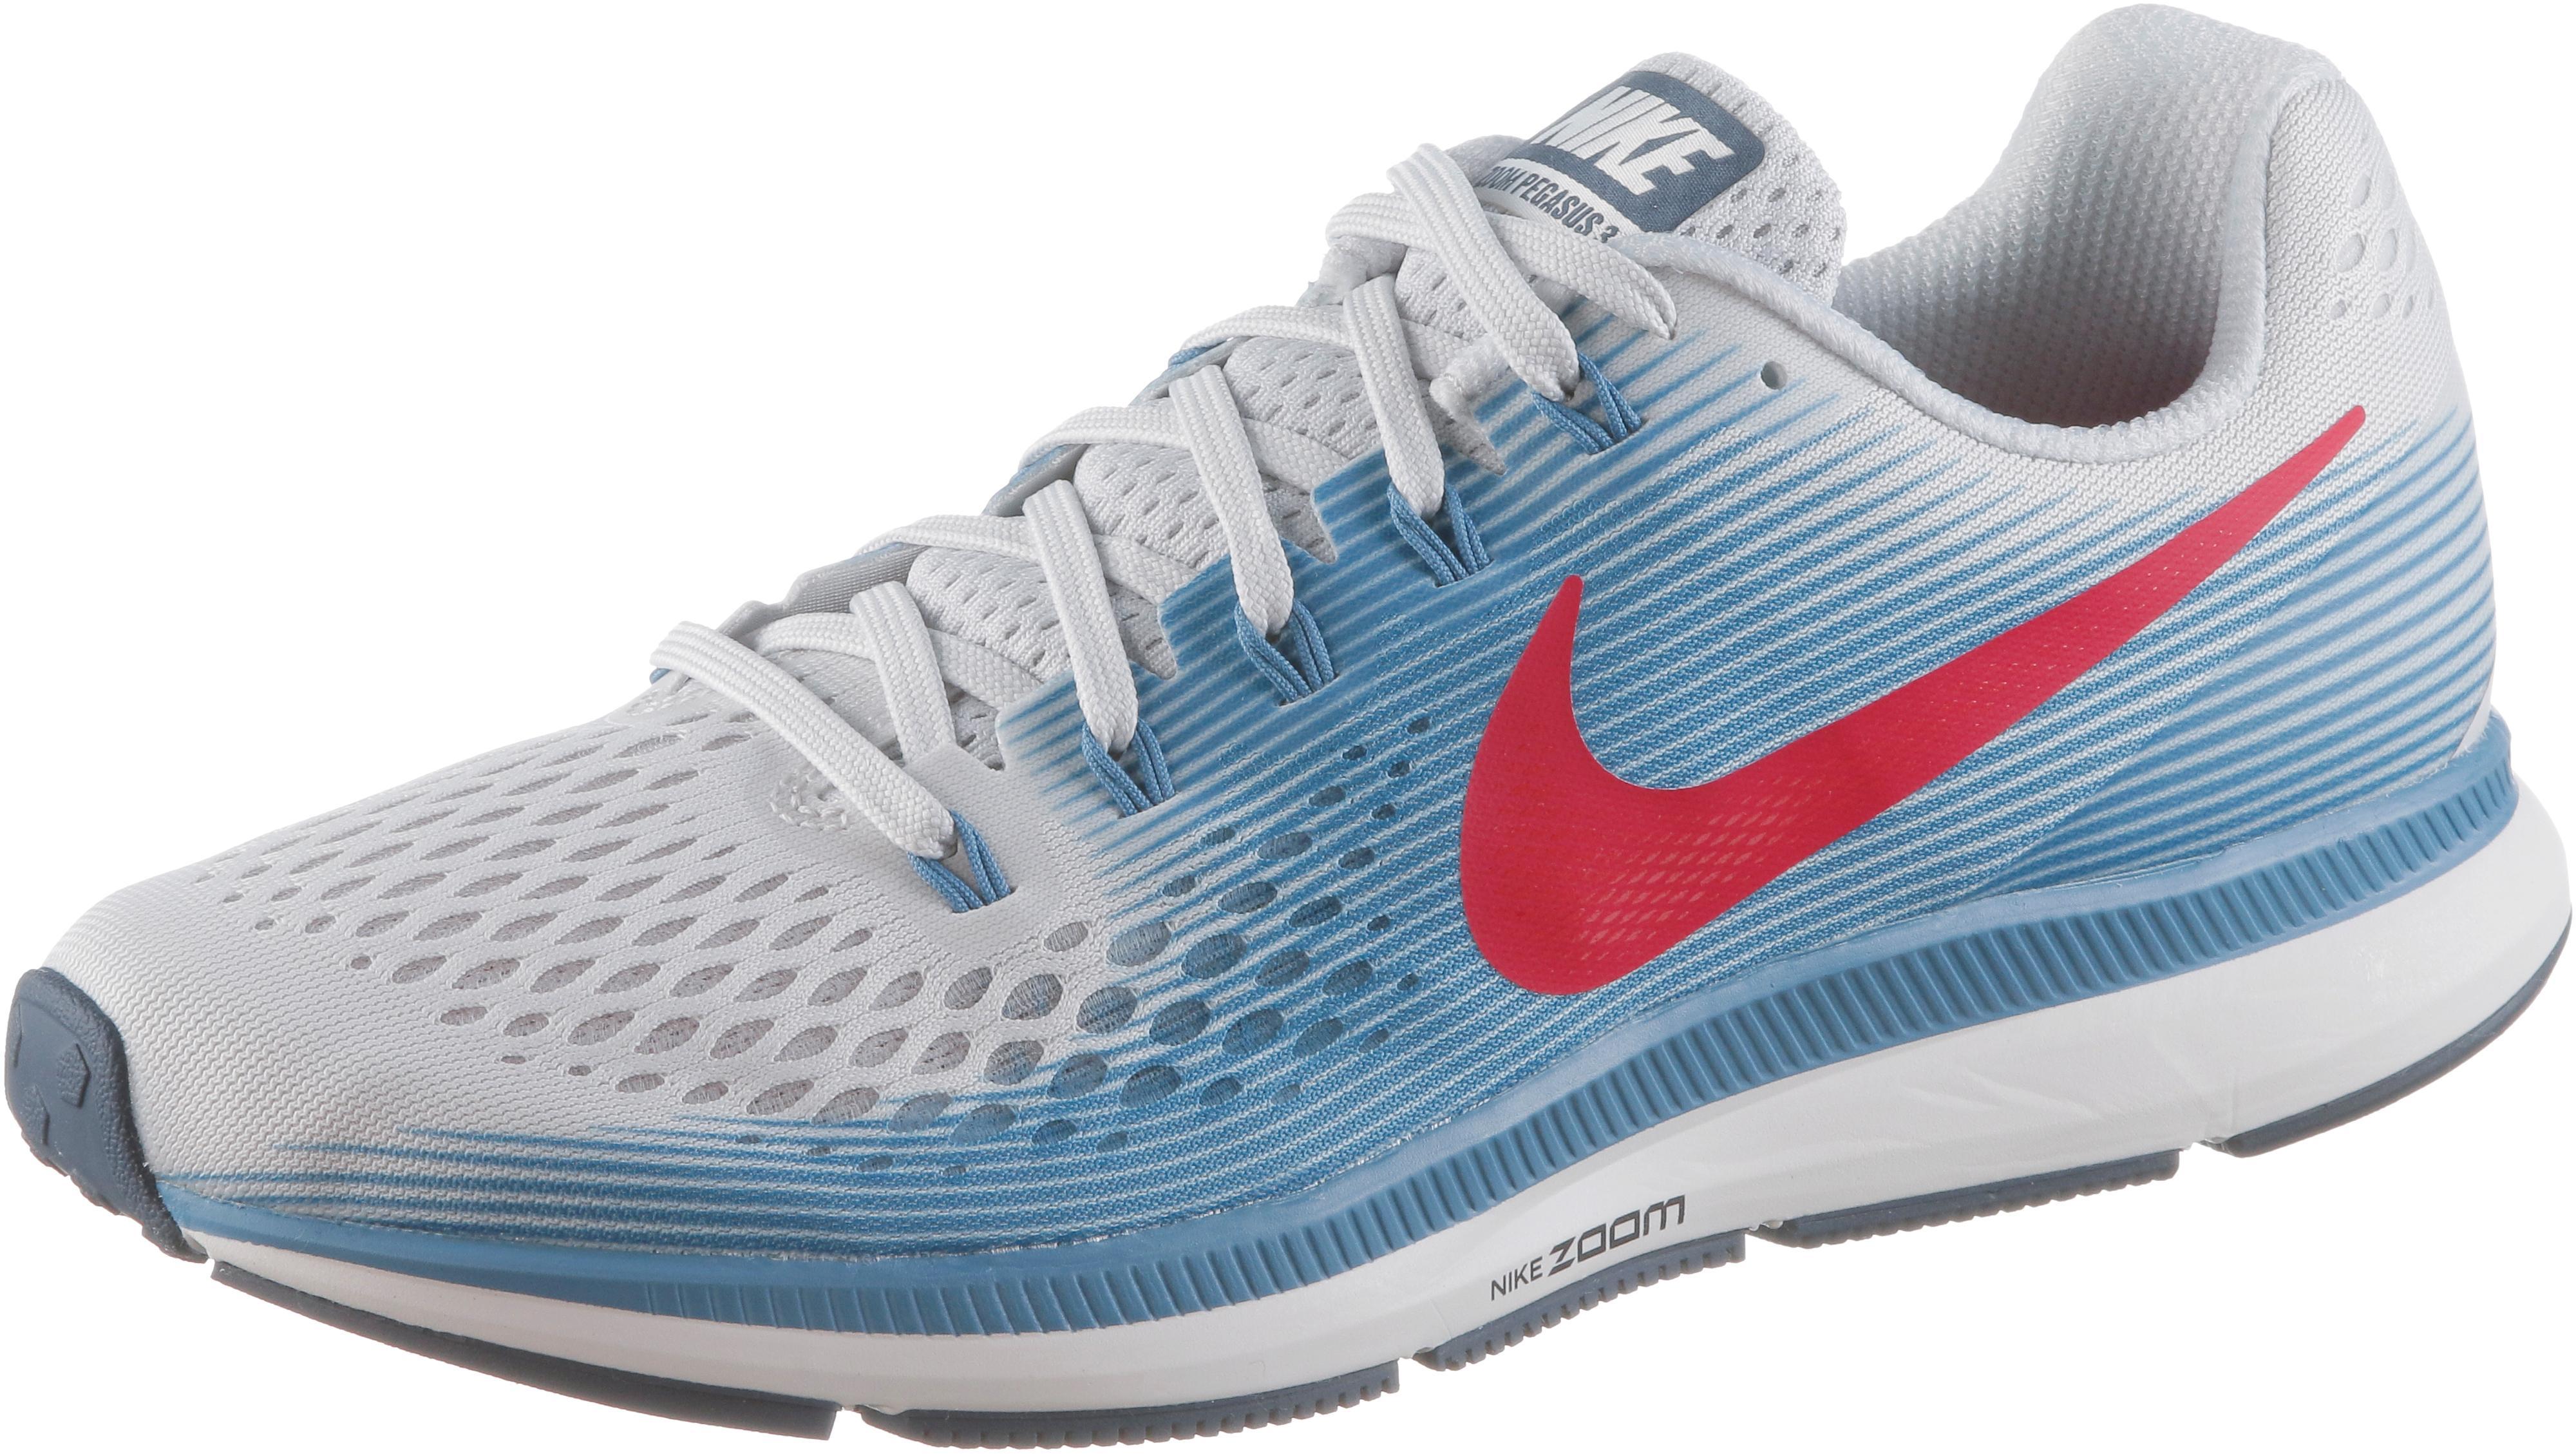 Nike AIR ZOOM PEGASUS 34 Laufschuhe Herren vast-grey-universitiy-red-aegea  im Online Shop von SportScheck kaufen